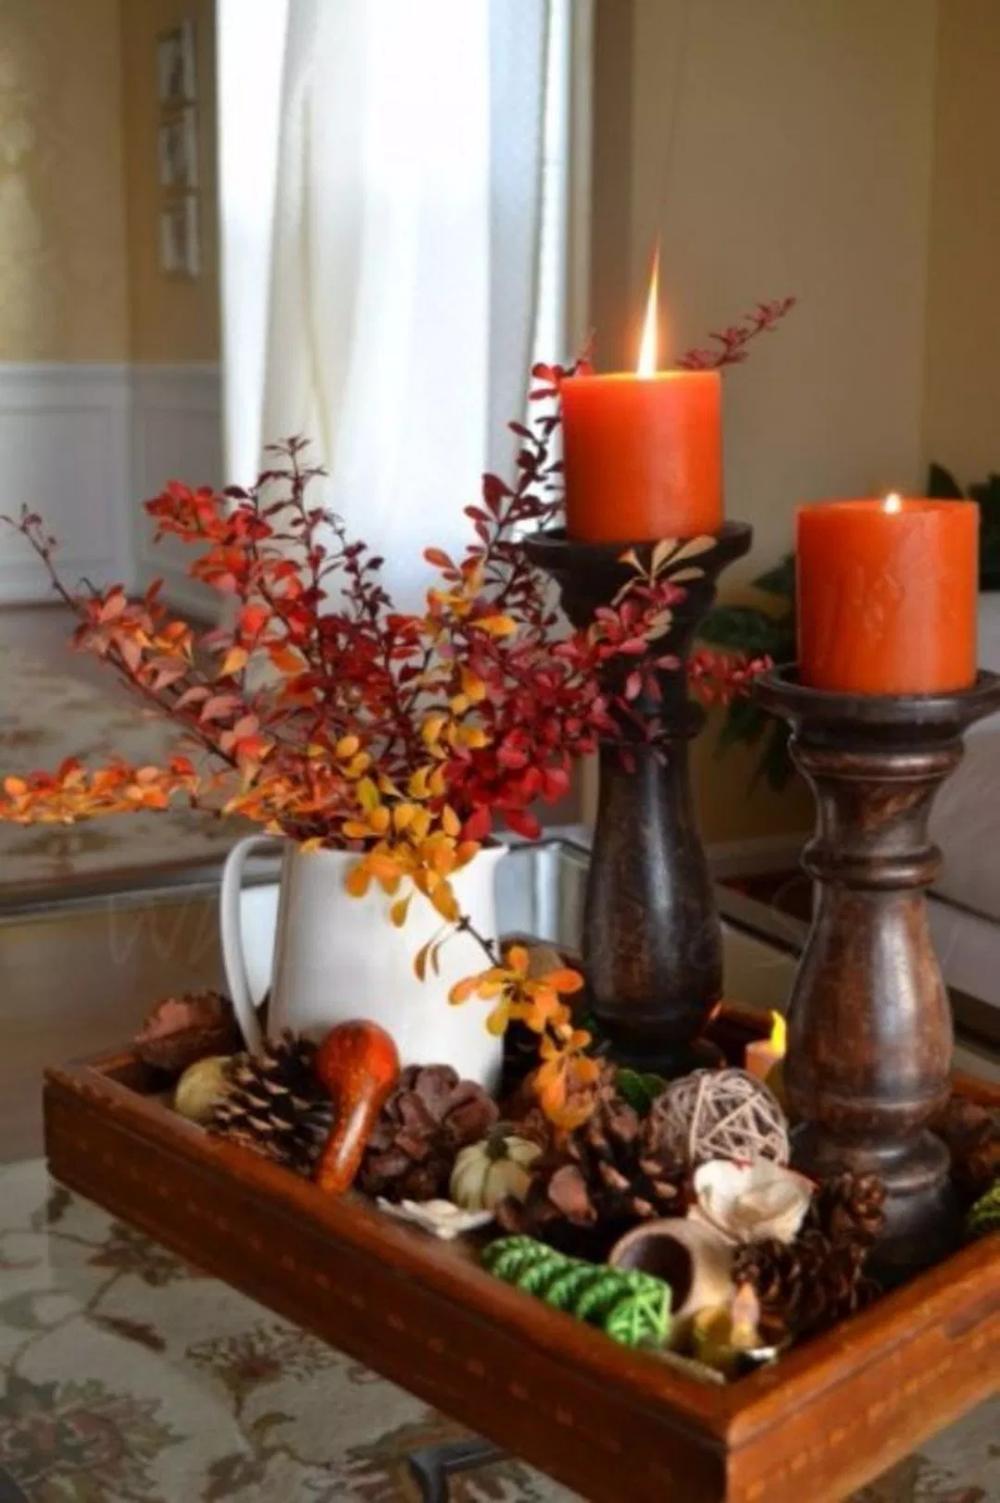 Easy DIY Fall Centerpieces Ideas 01390 #herbstdekotischtablett